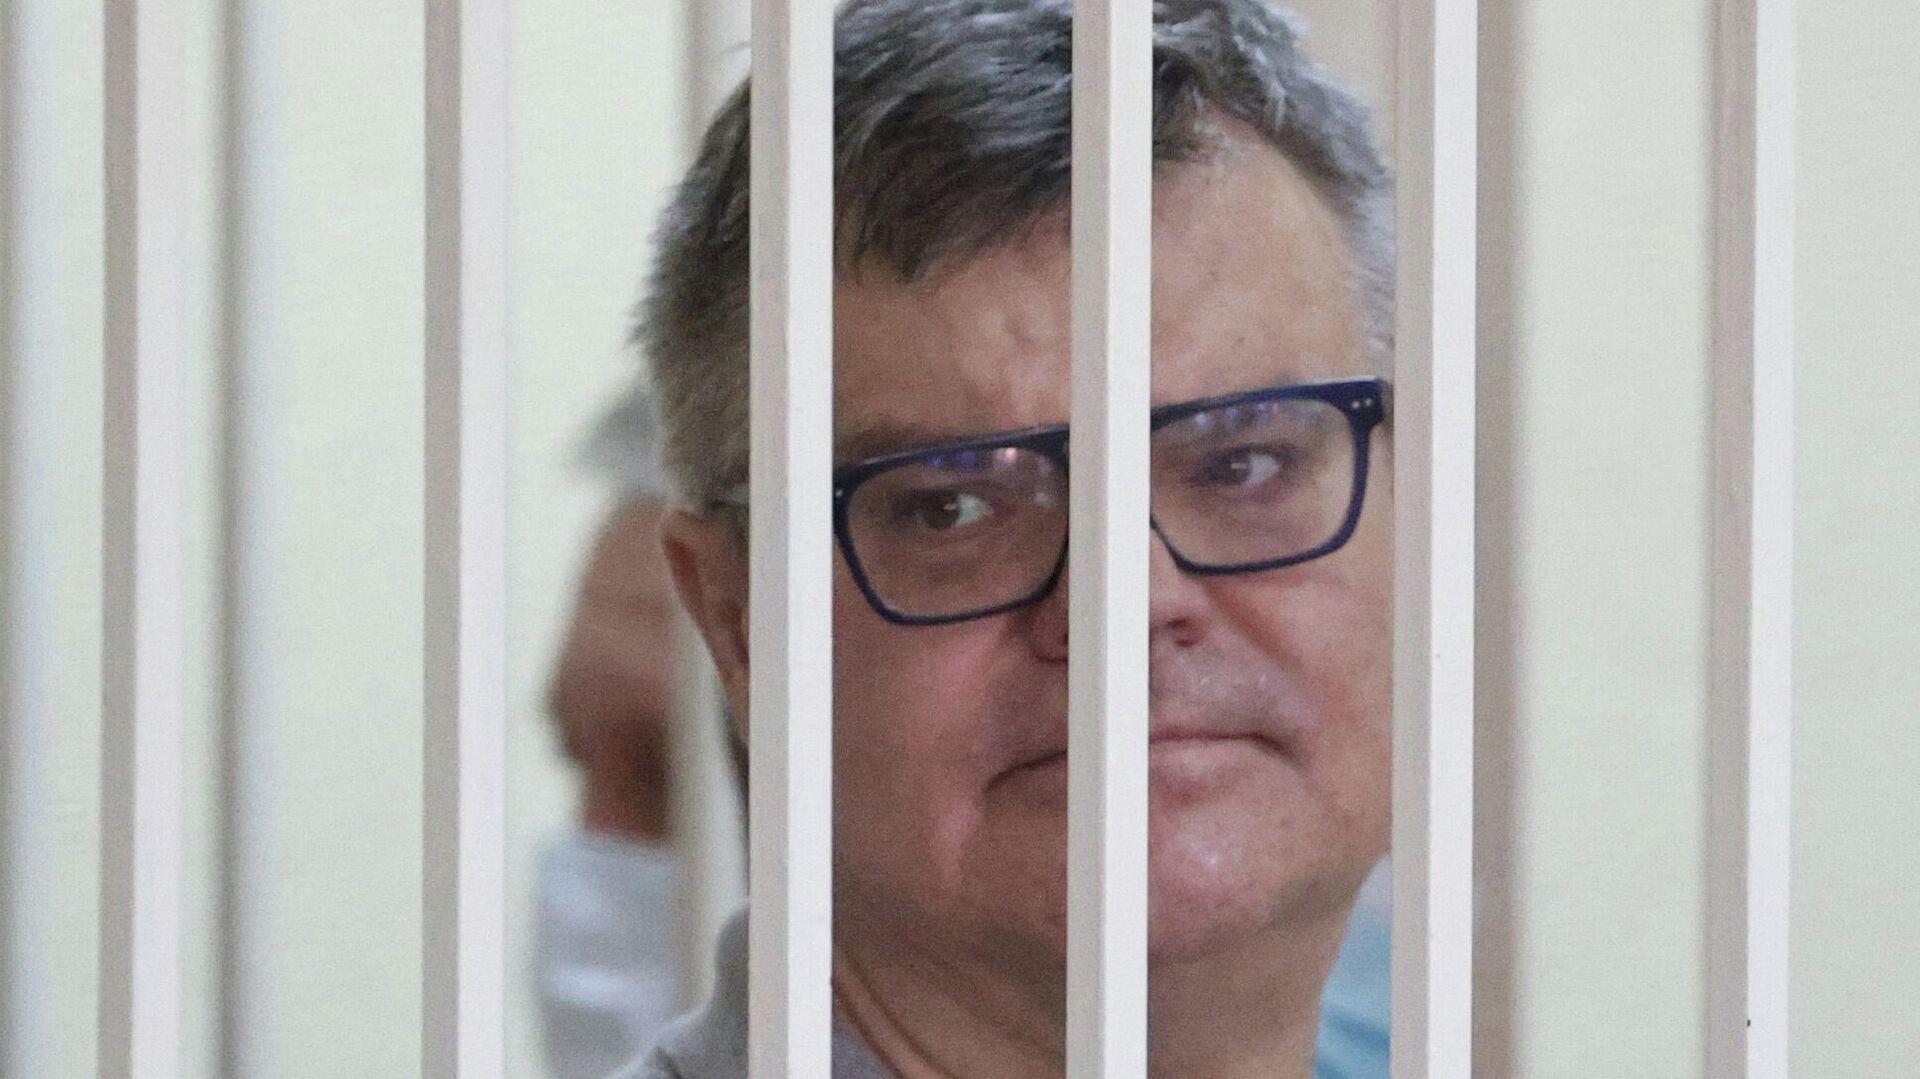 Виктор Бабарико в суде во время оглашения приговора - РИА Новости, 1920, 03.08.2021